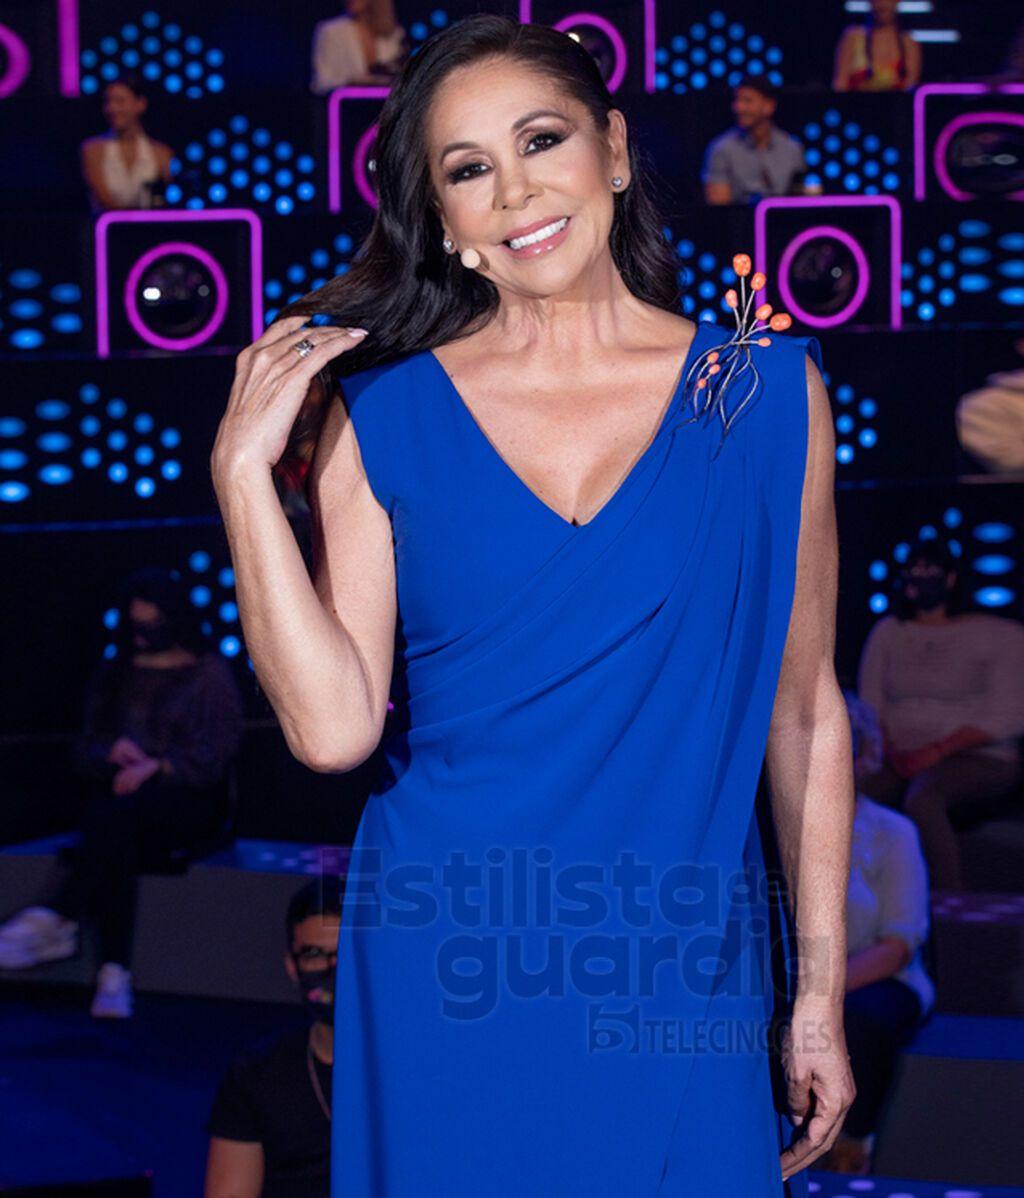 Isabel Pantoja con vestido de fiesta azul